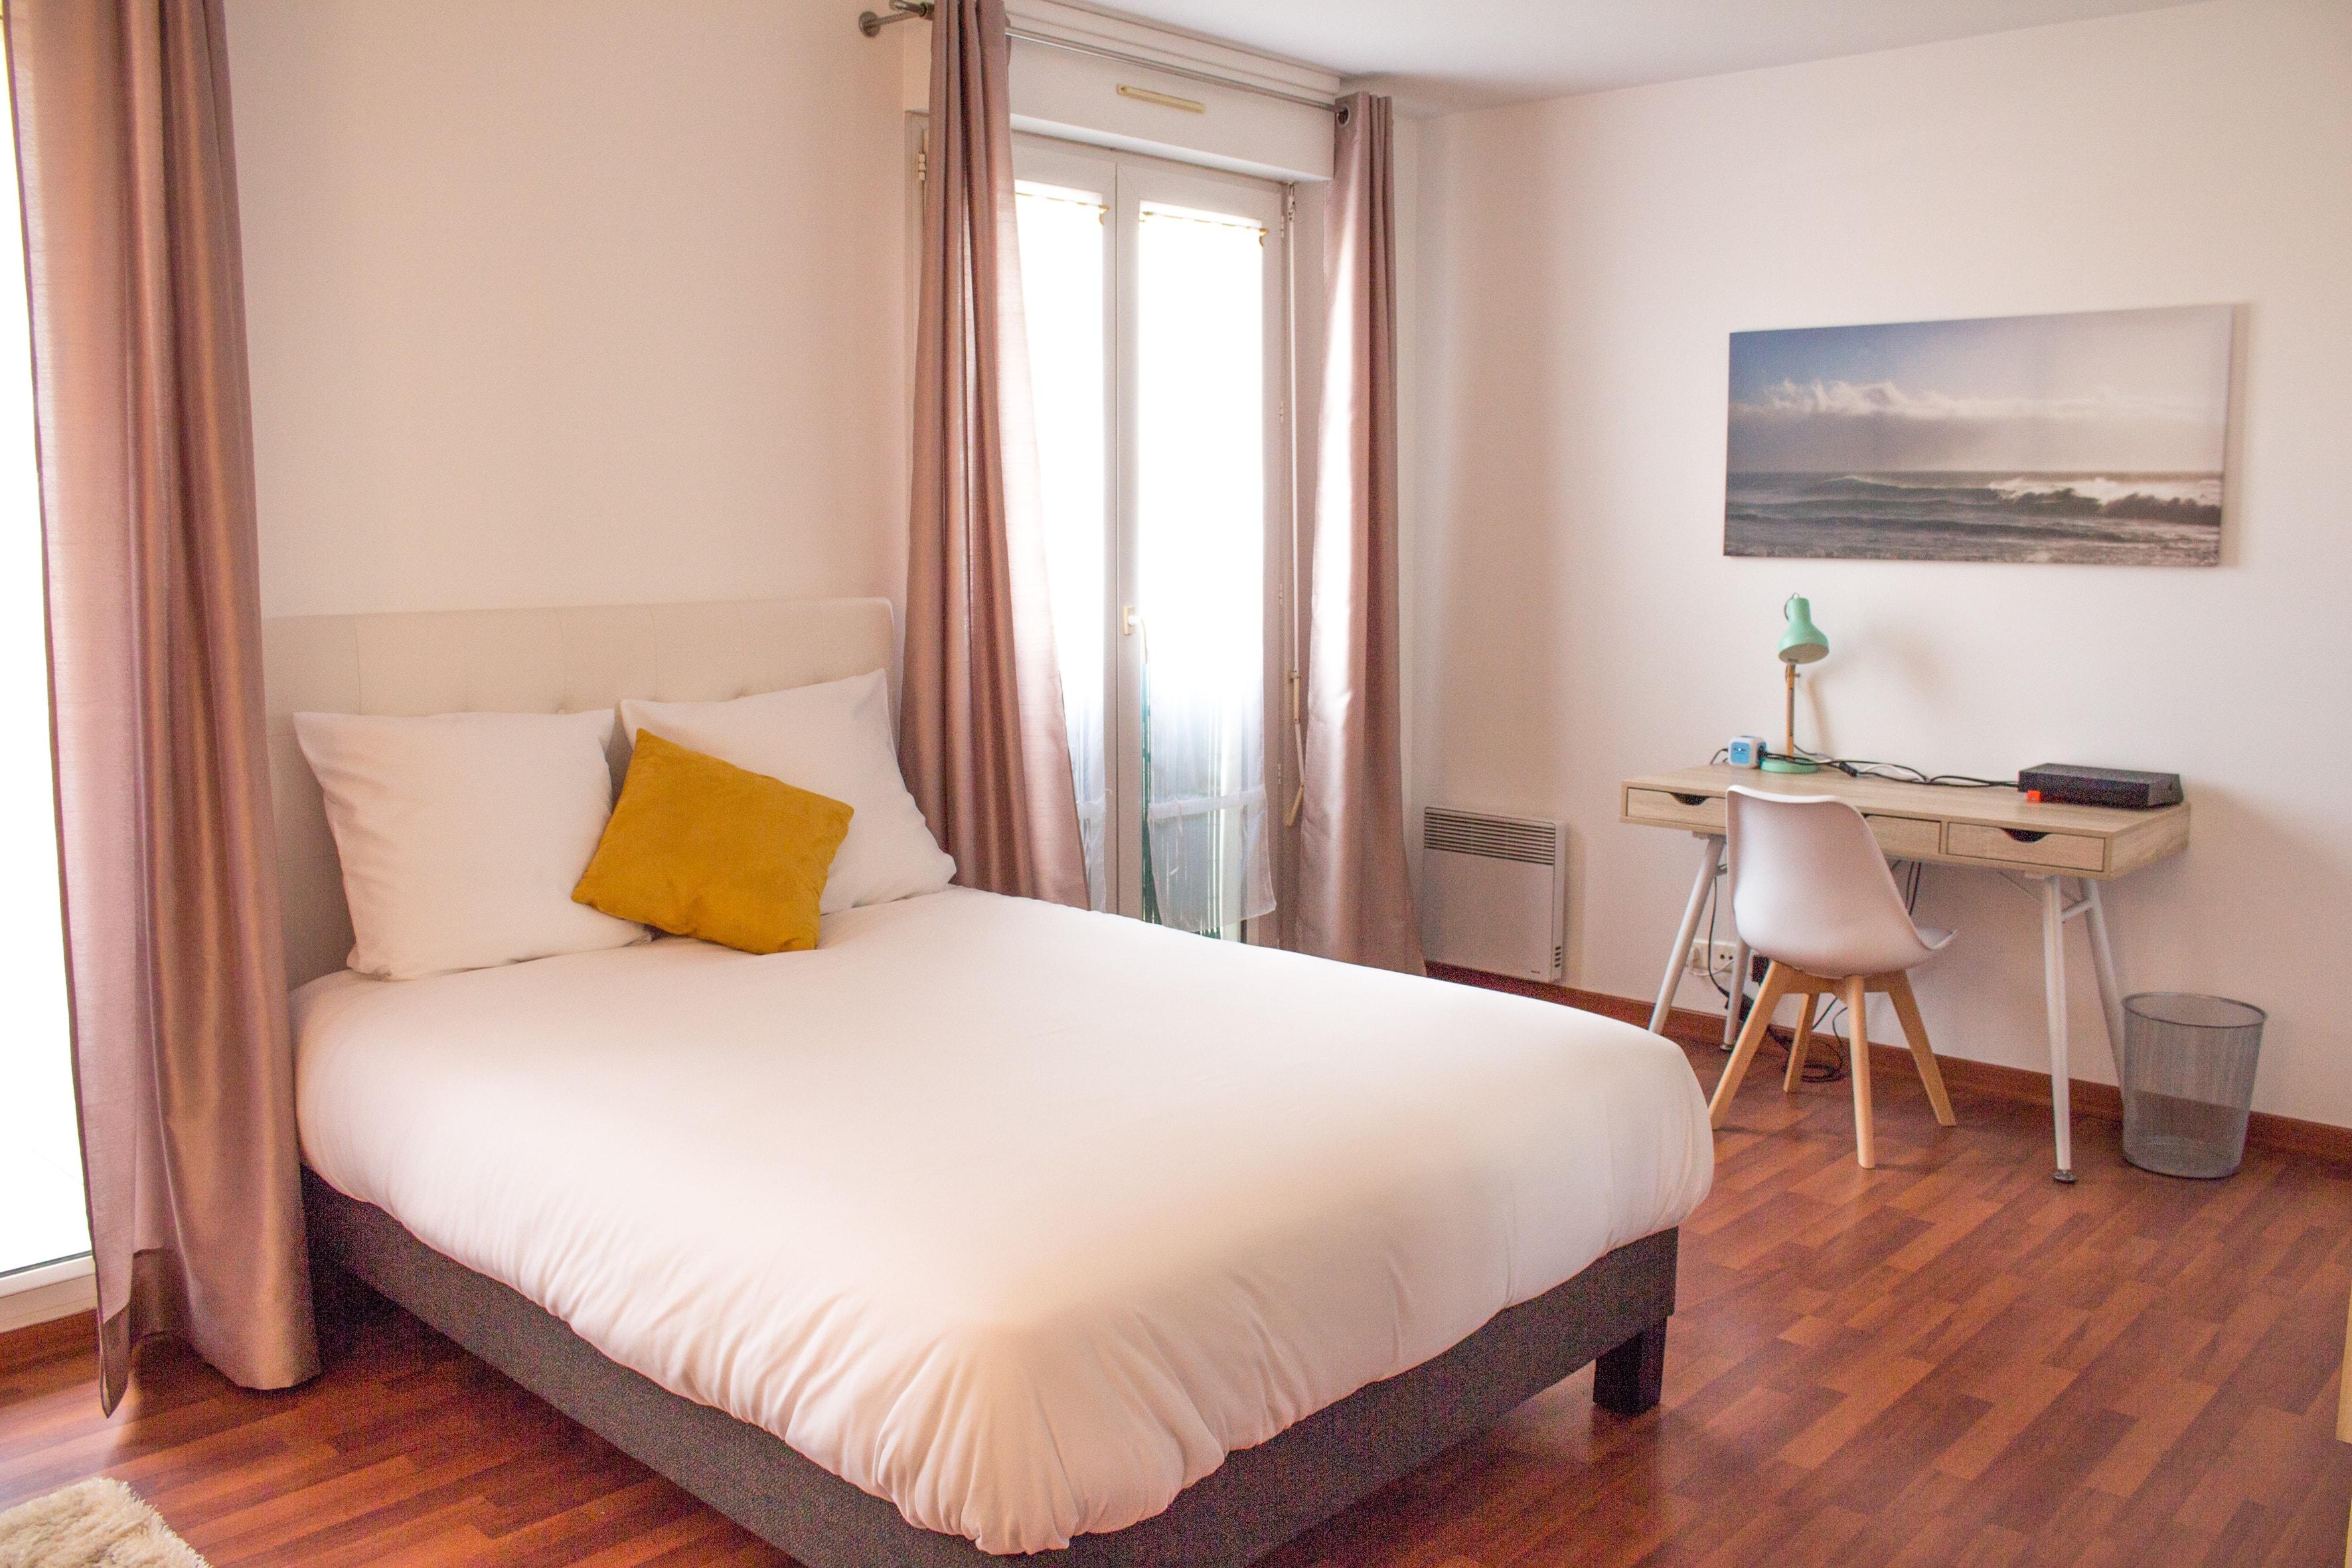 Louer son logement sur Airbnb : notre test, avantages et inconvénients